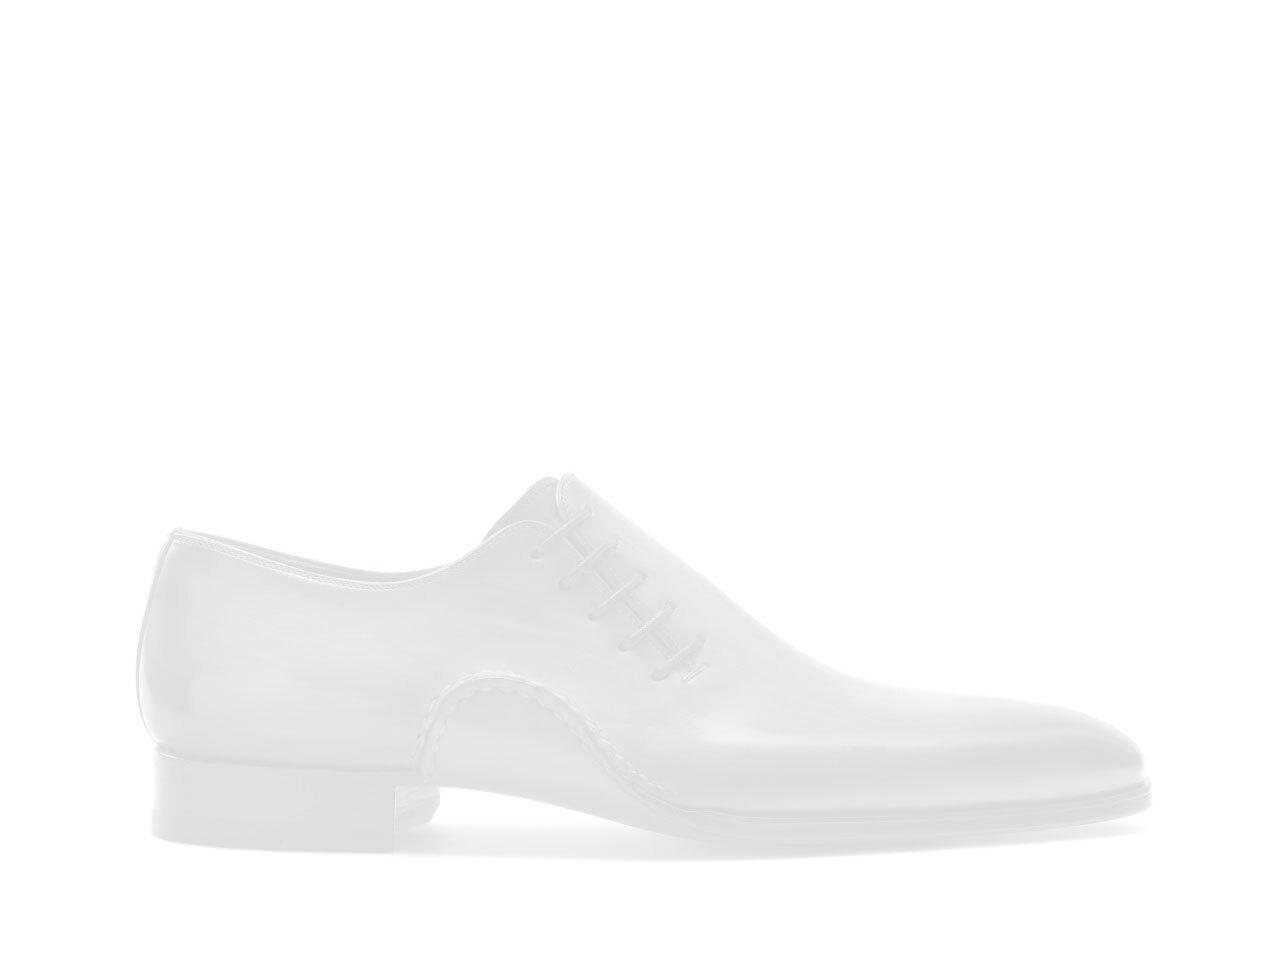 Sole of the Magnanni Nacio Cuero Men's Derby Shoes